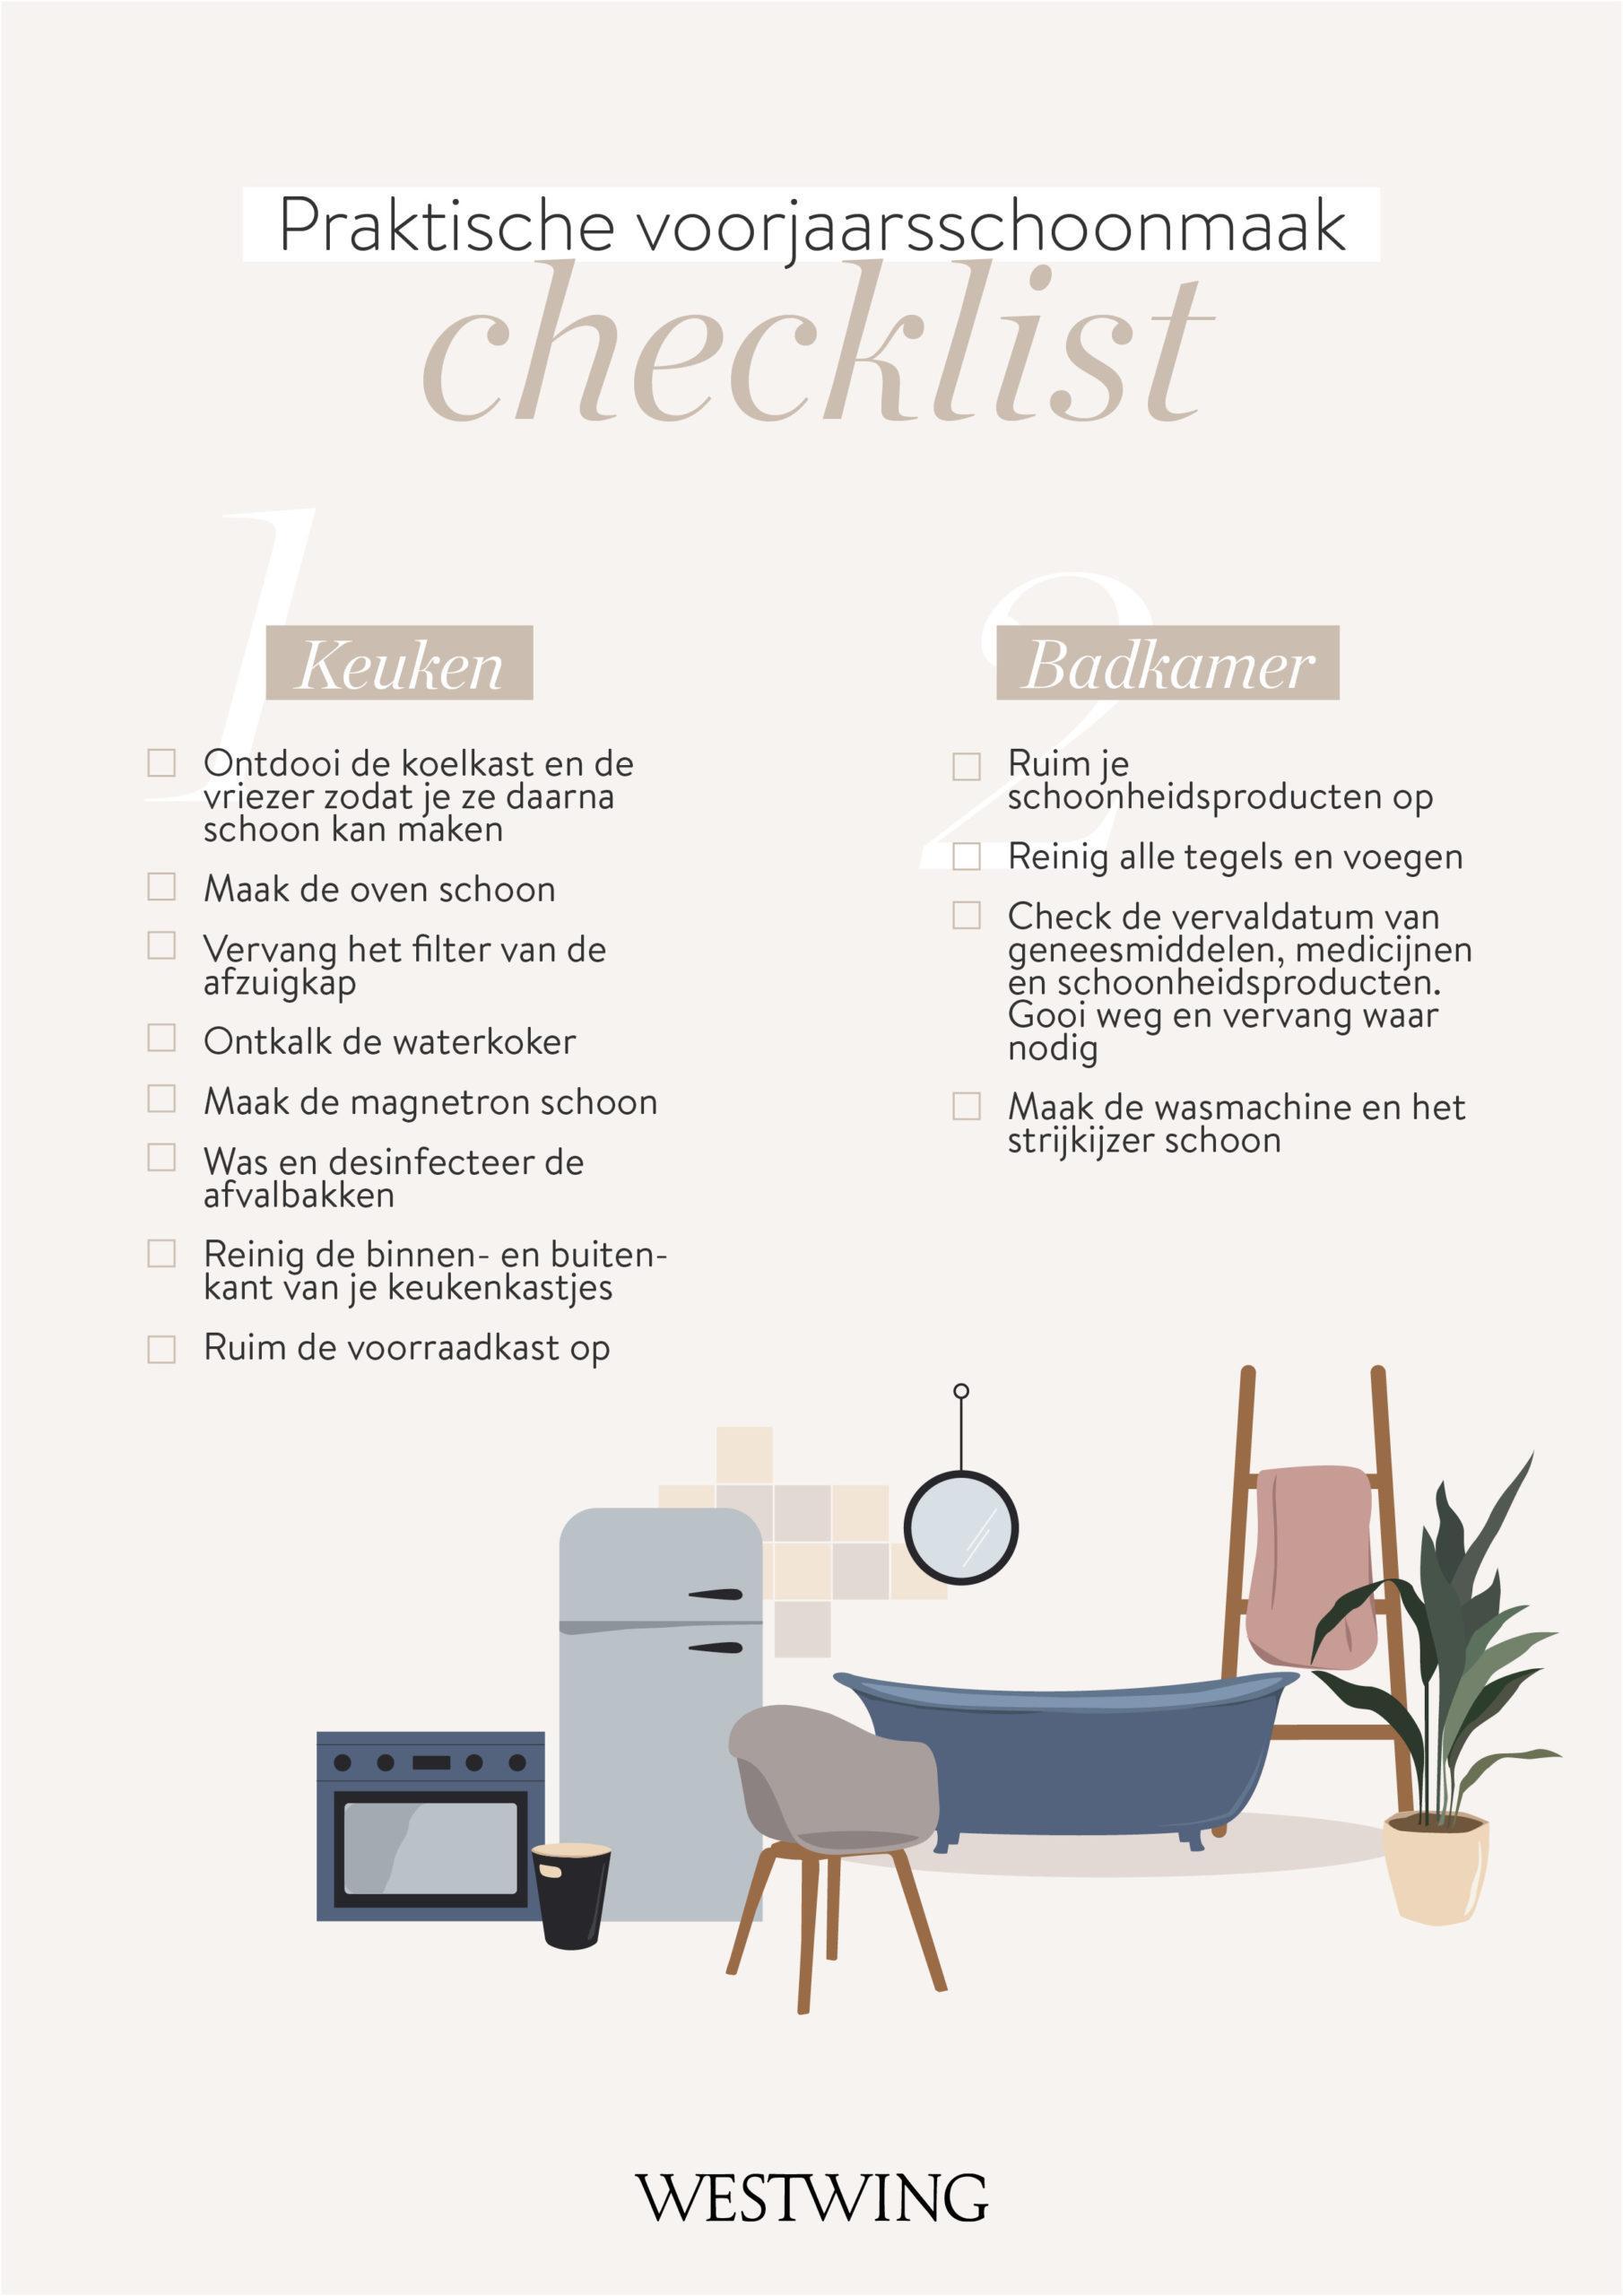 Voorjaarsschoonmaak checklist keuken en badkamer